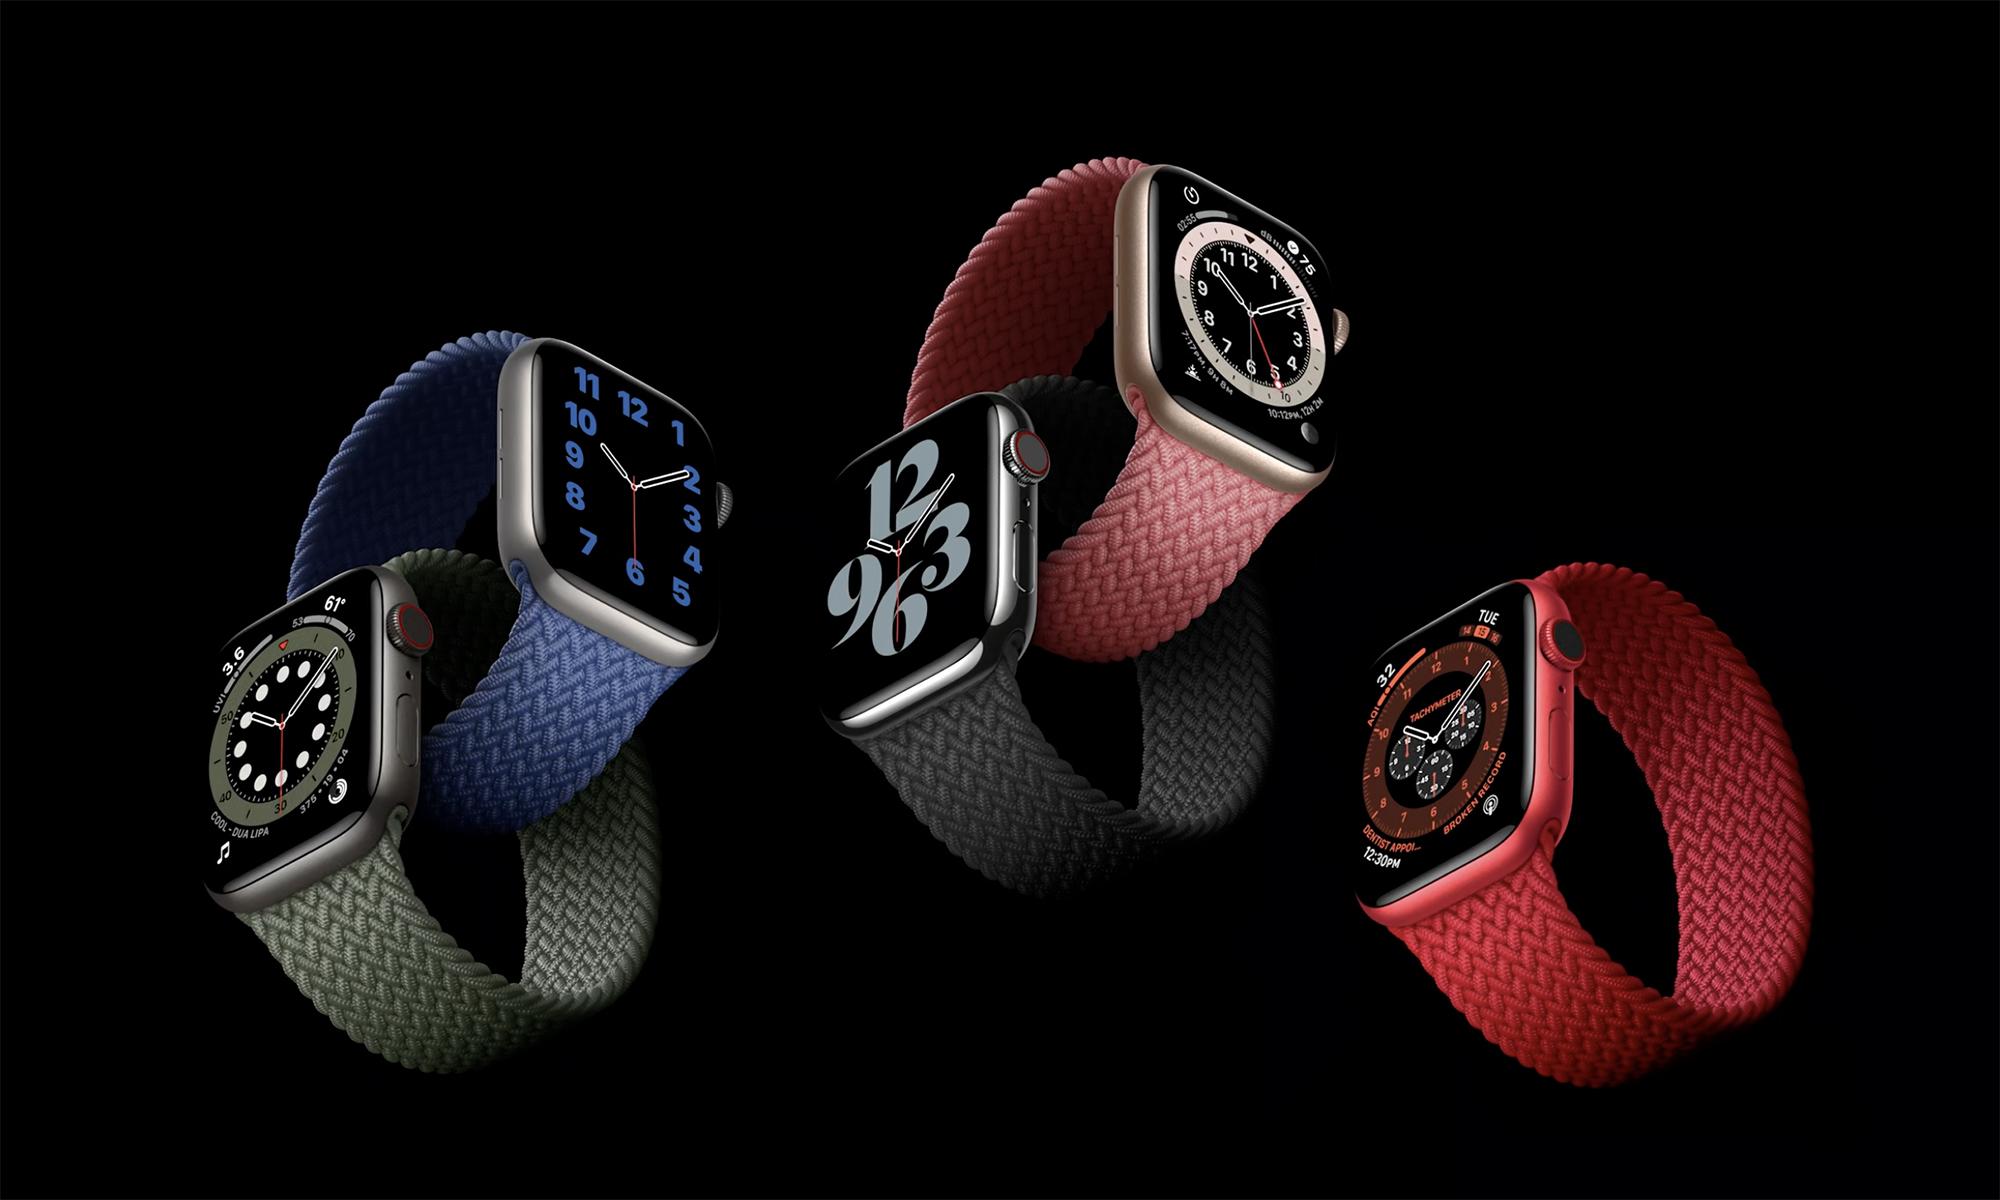 Apple Watch6が届いた!ソロループのサイズが合わない問題 | トータルブランディング・ビジネスブランディング デザイン|アーチ・コア ブログ